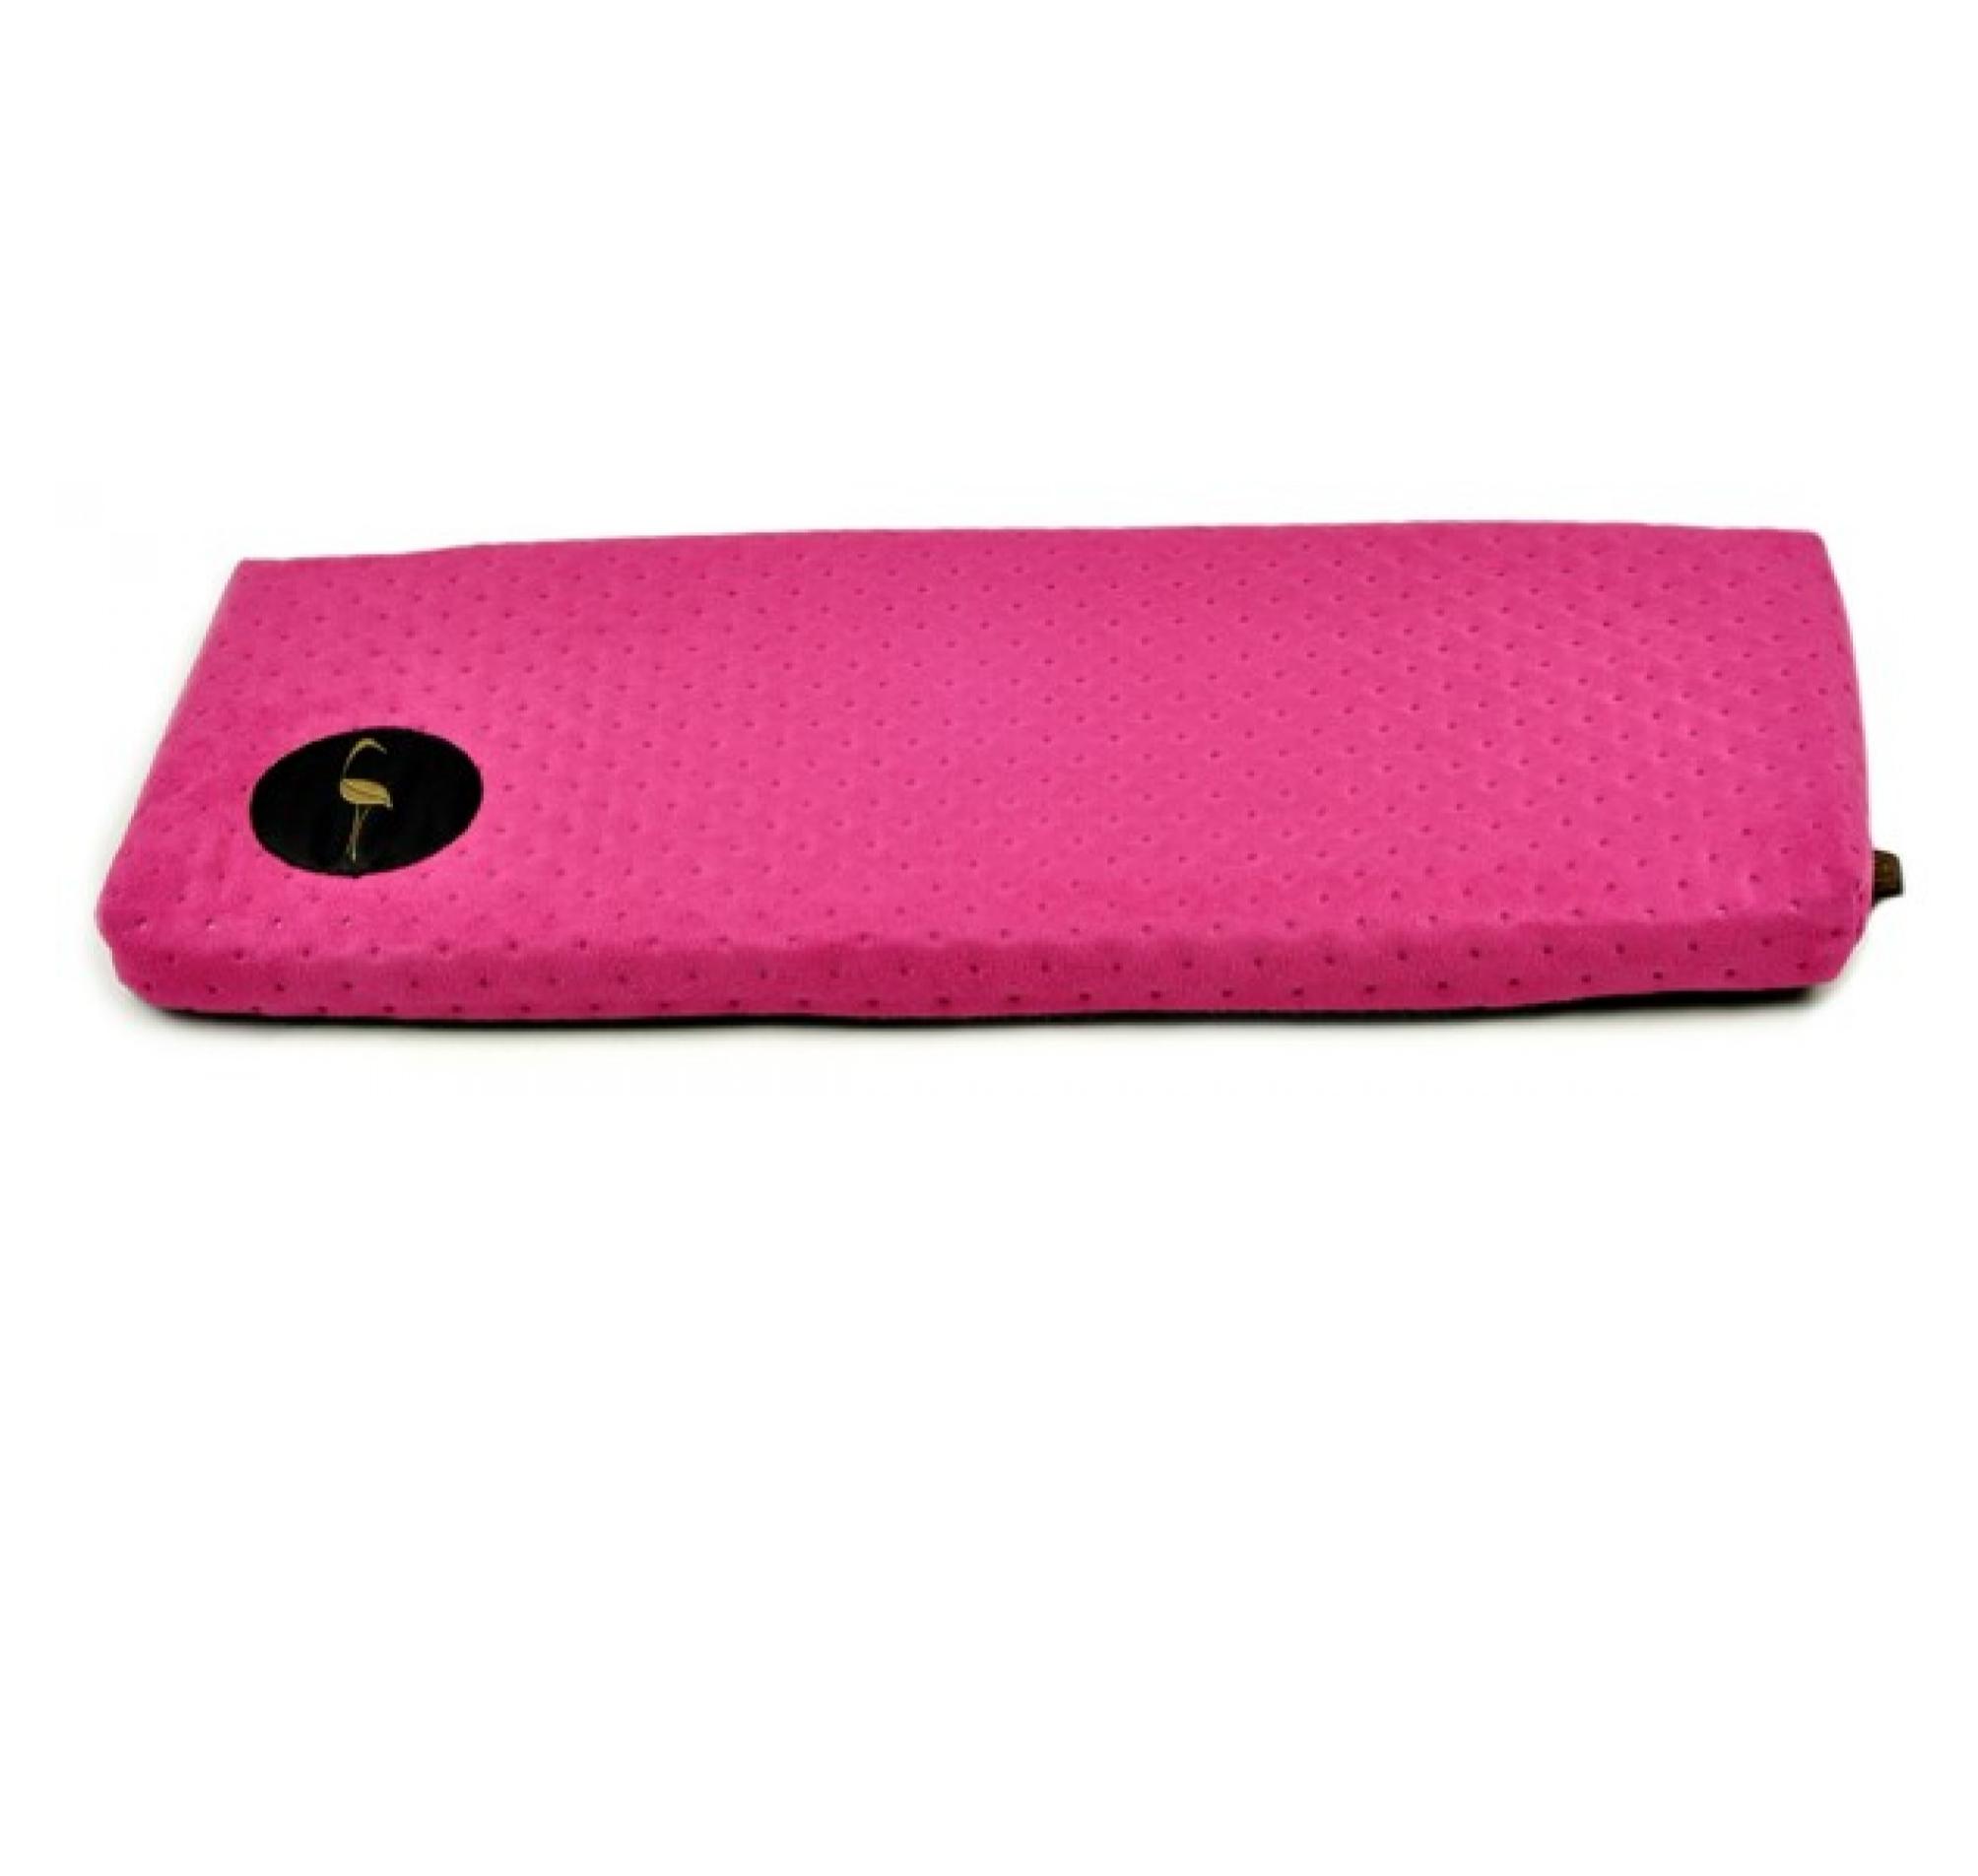 LAUREN design Parapeciak CLEO różowy pikowany